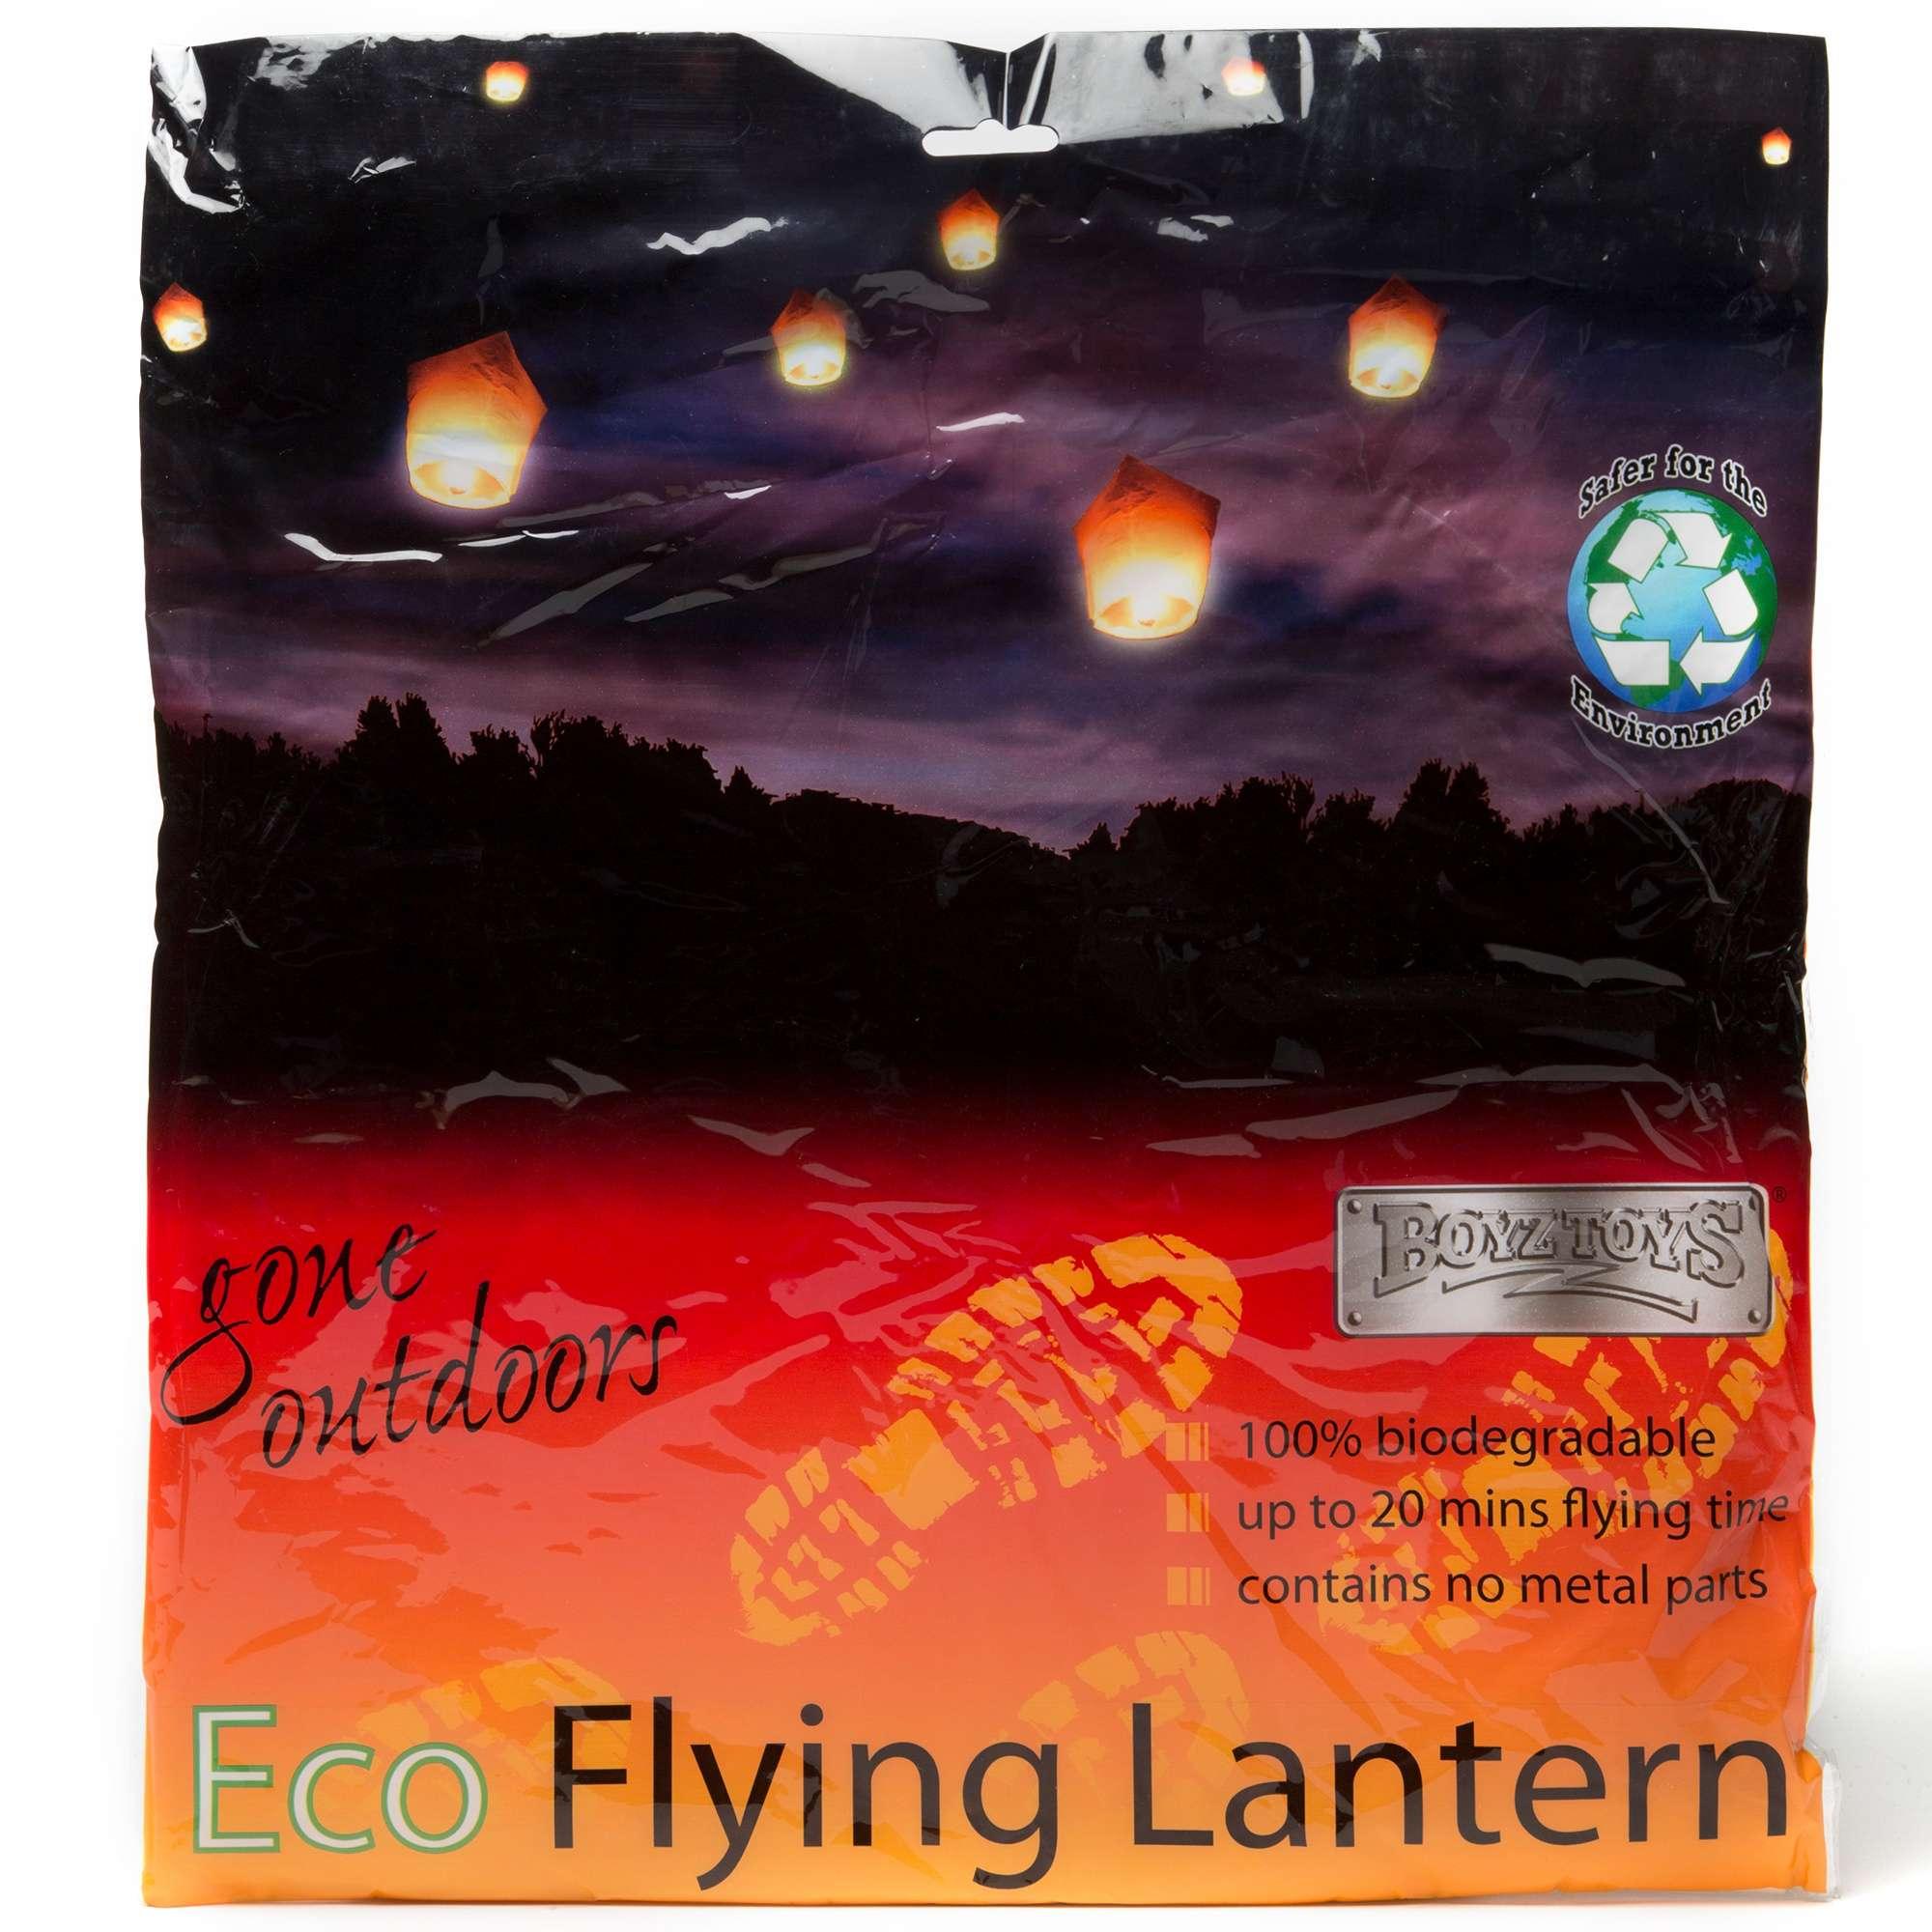 BOYZ TOYS Eco Flying Lantern